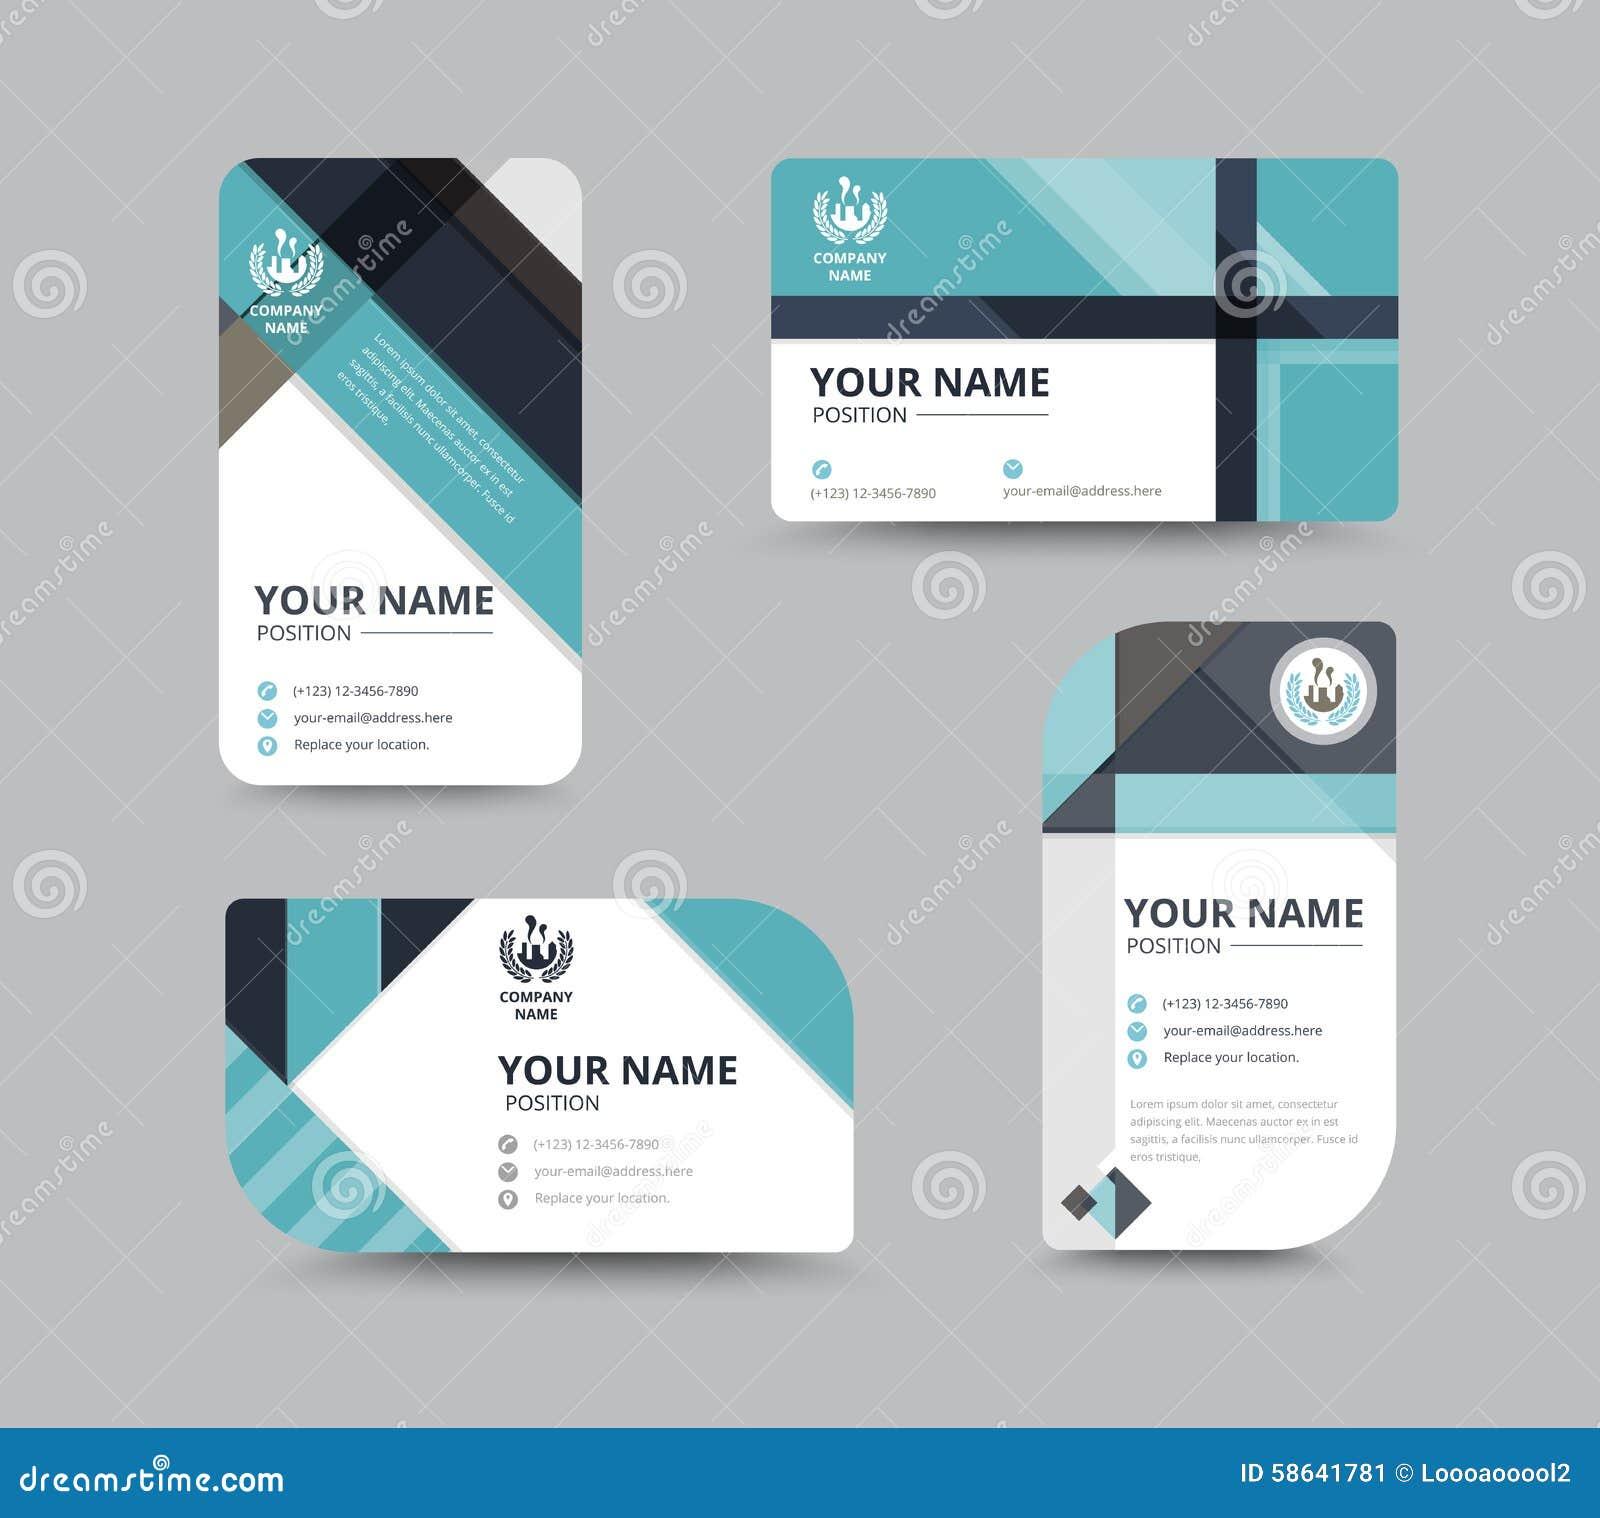 diseos de tarjetas personales estos son ejemplos de tarjetas